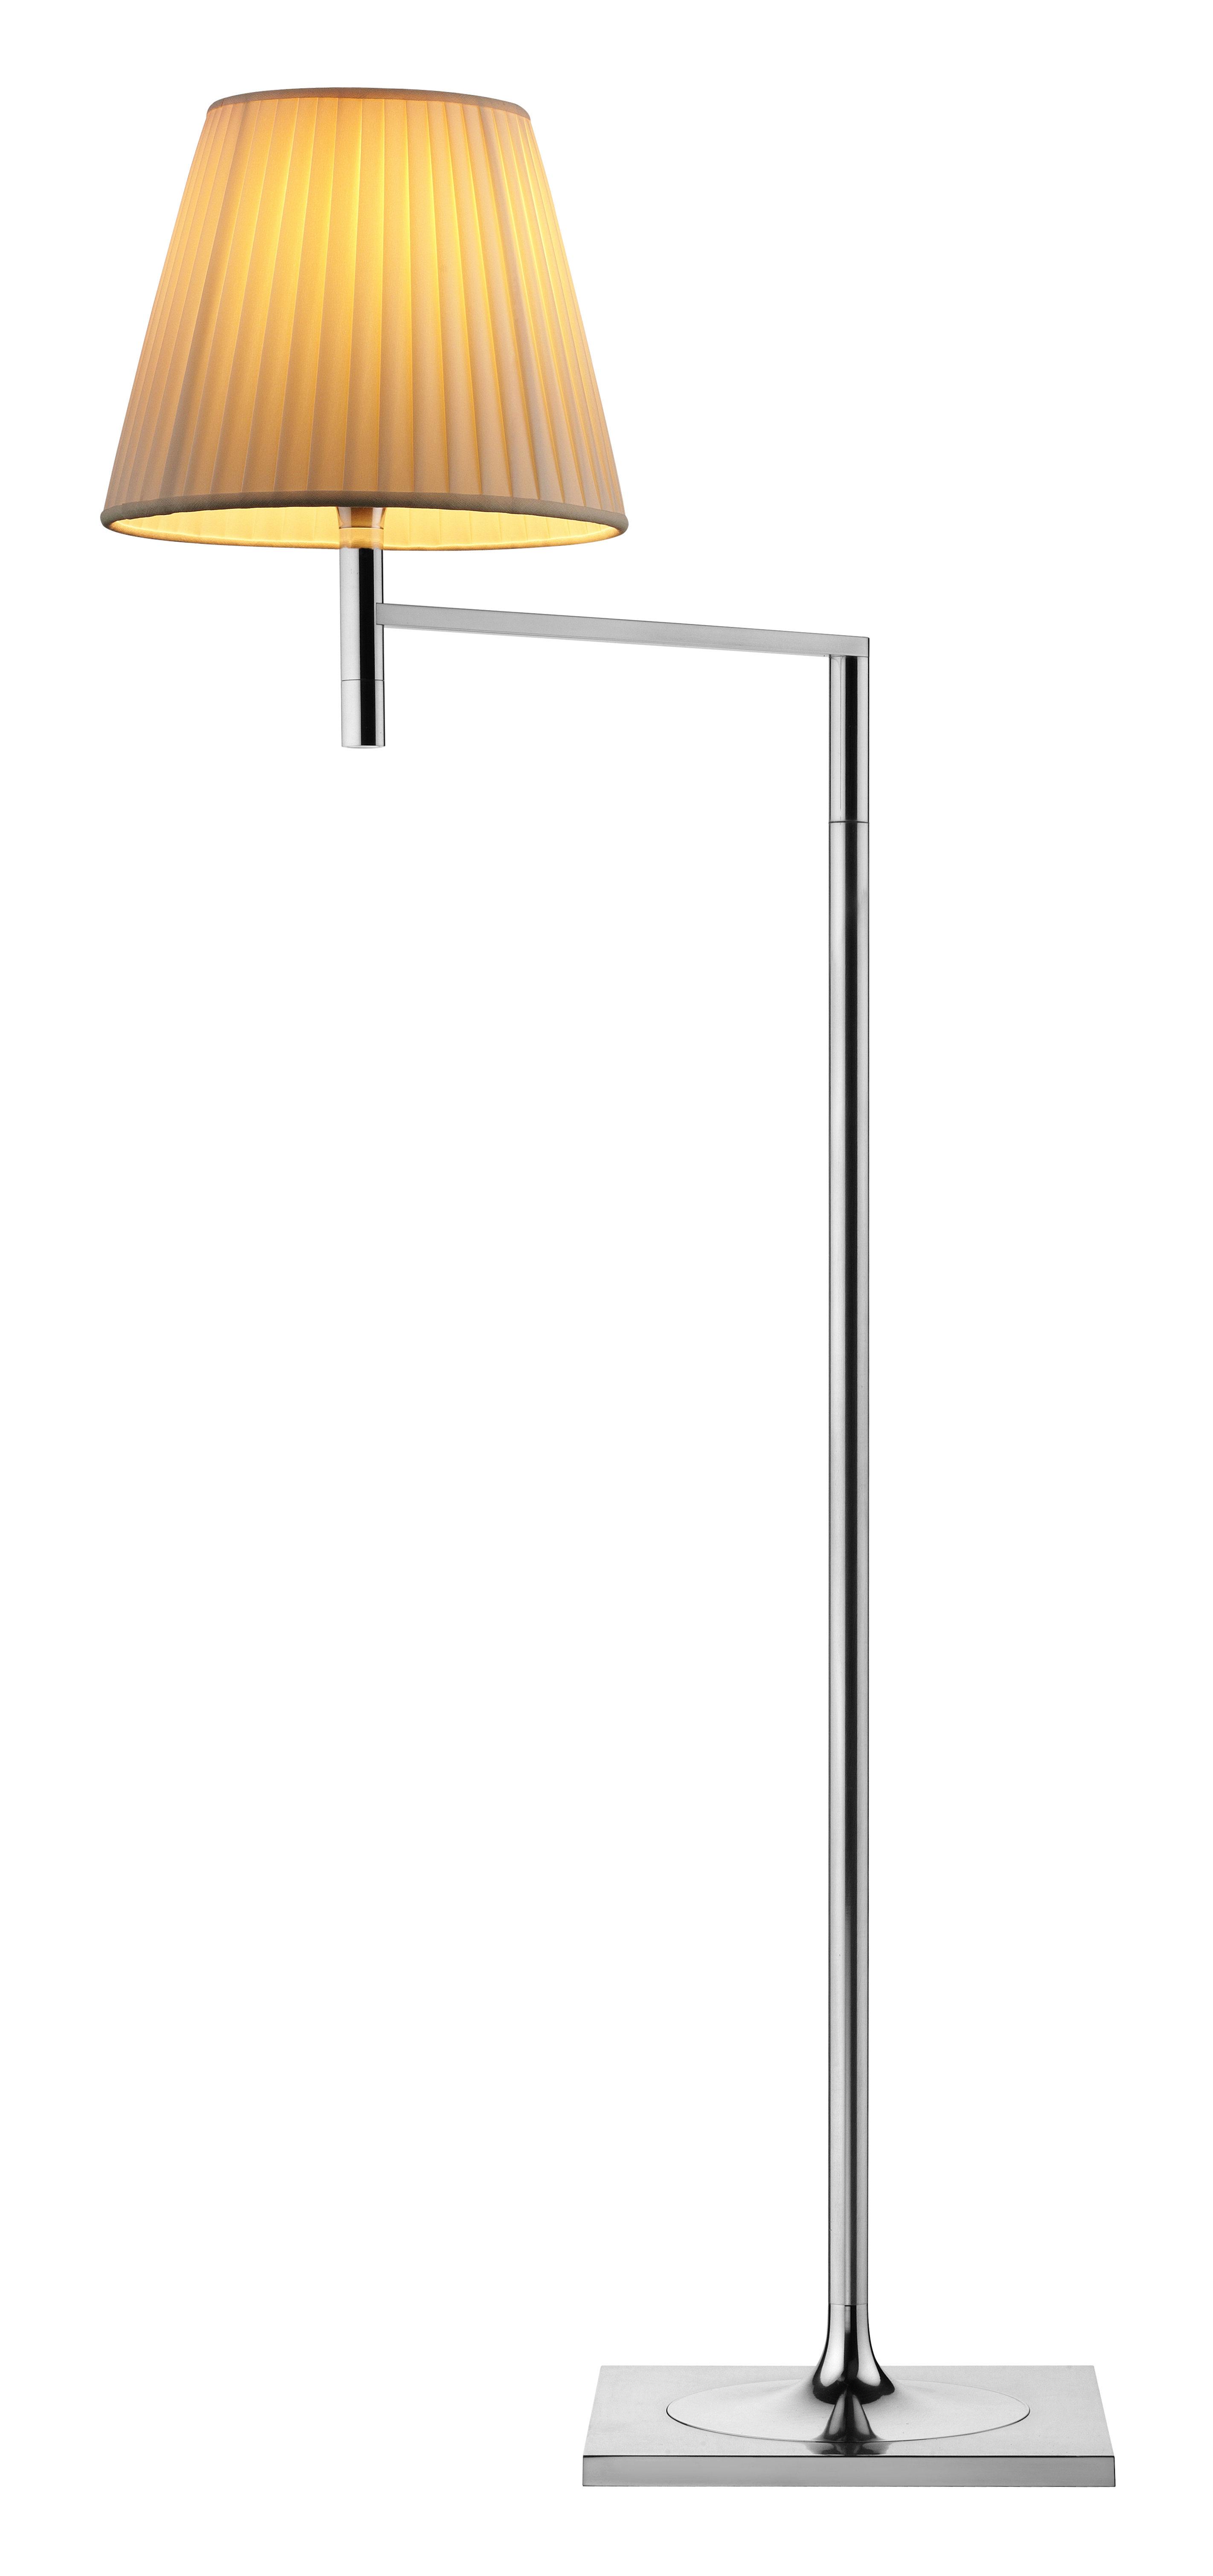 Illuminazione - Lampade da terra - Lampada a stelo K Tribe F1 Soft - H 112 cm di Flos - Tessuto plissettato - Alluminio lucido, Tessuto